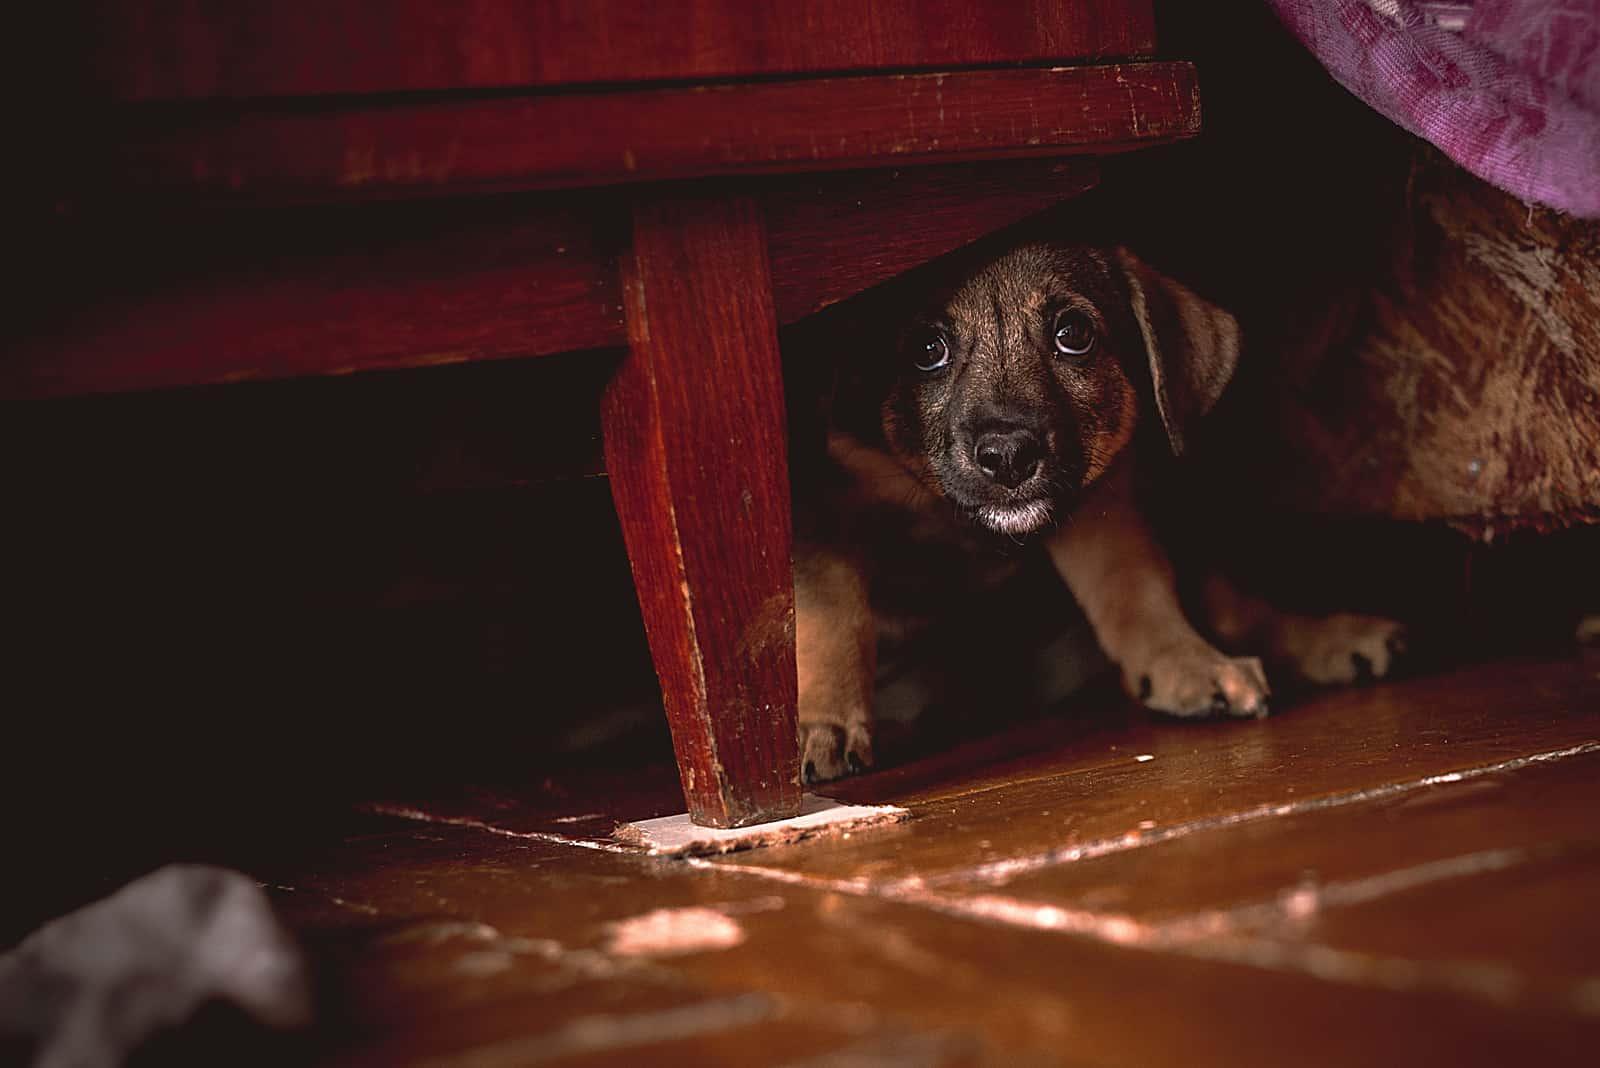 kleiner Welpe, der sich unter der Garderobe versteckt